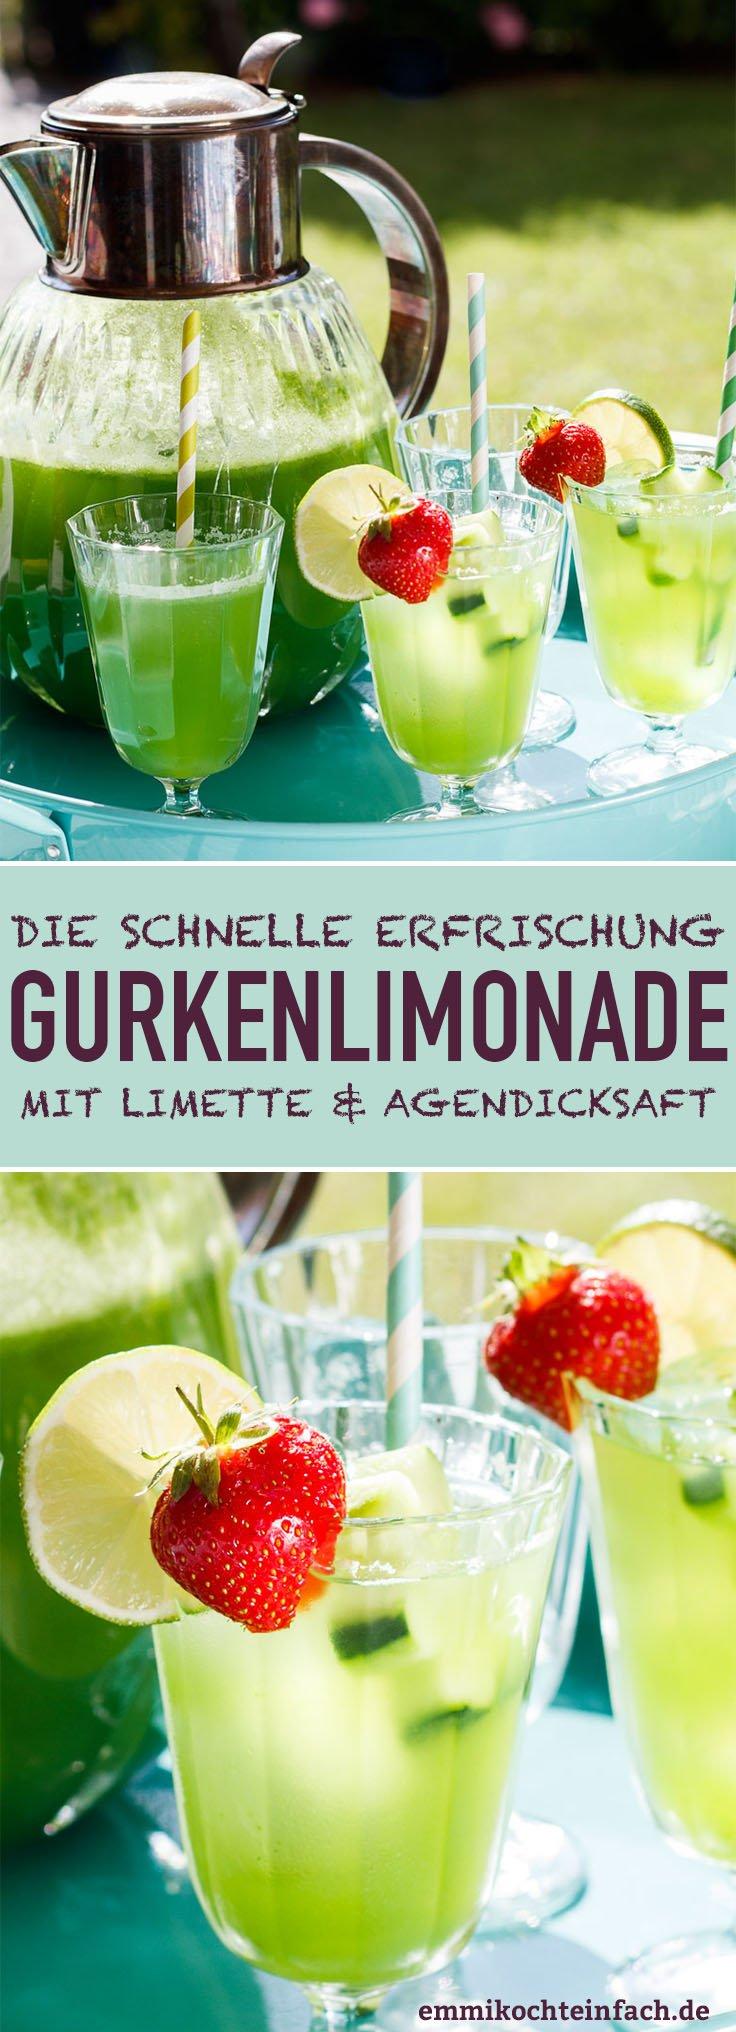 Gurkenlimonade mit Limette und Agavendicksaft - www.emmikochteinfach.de